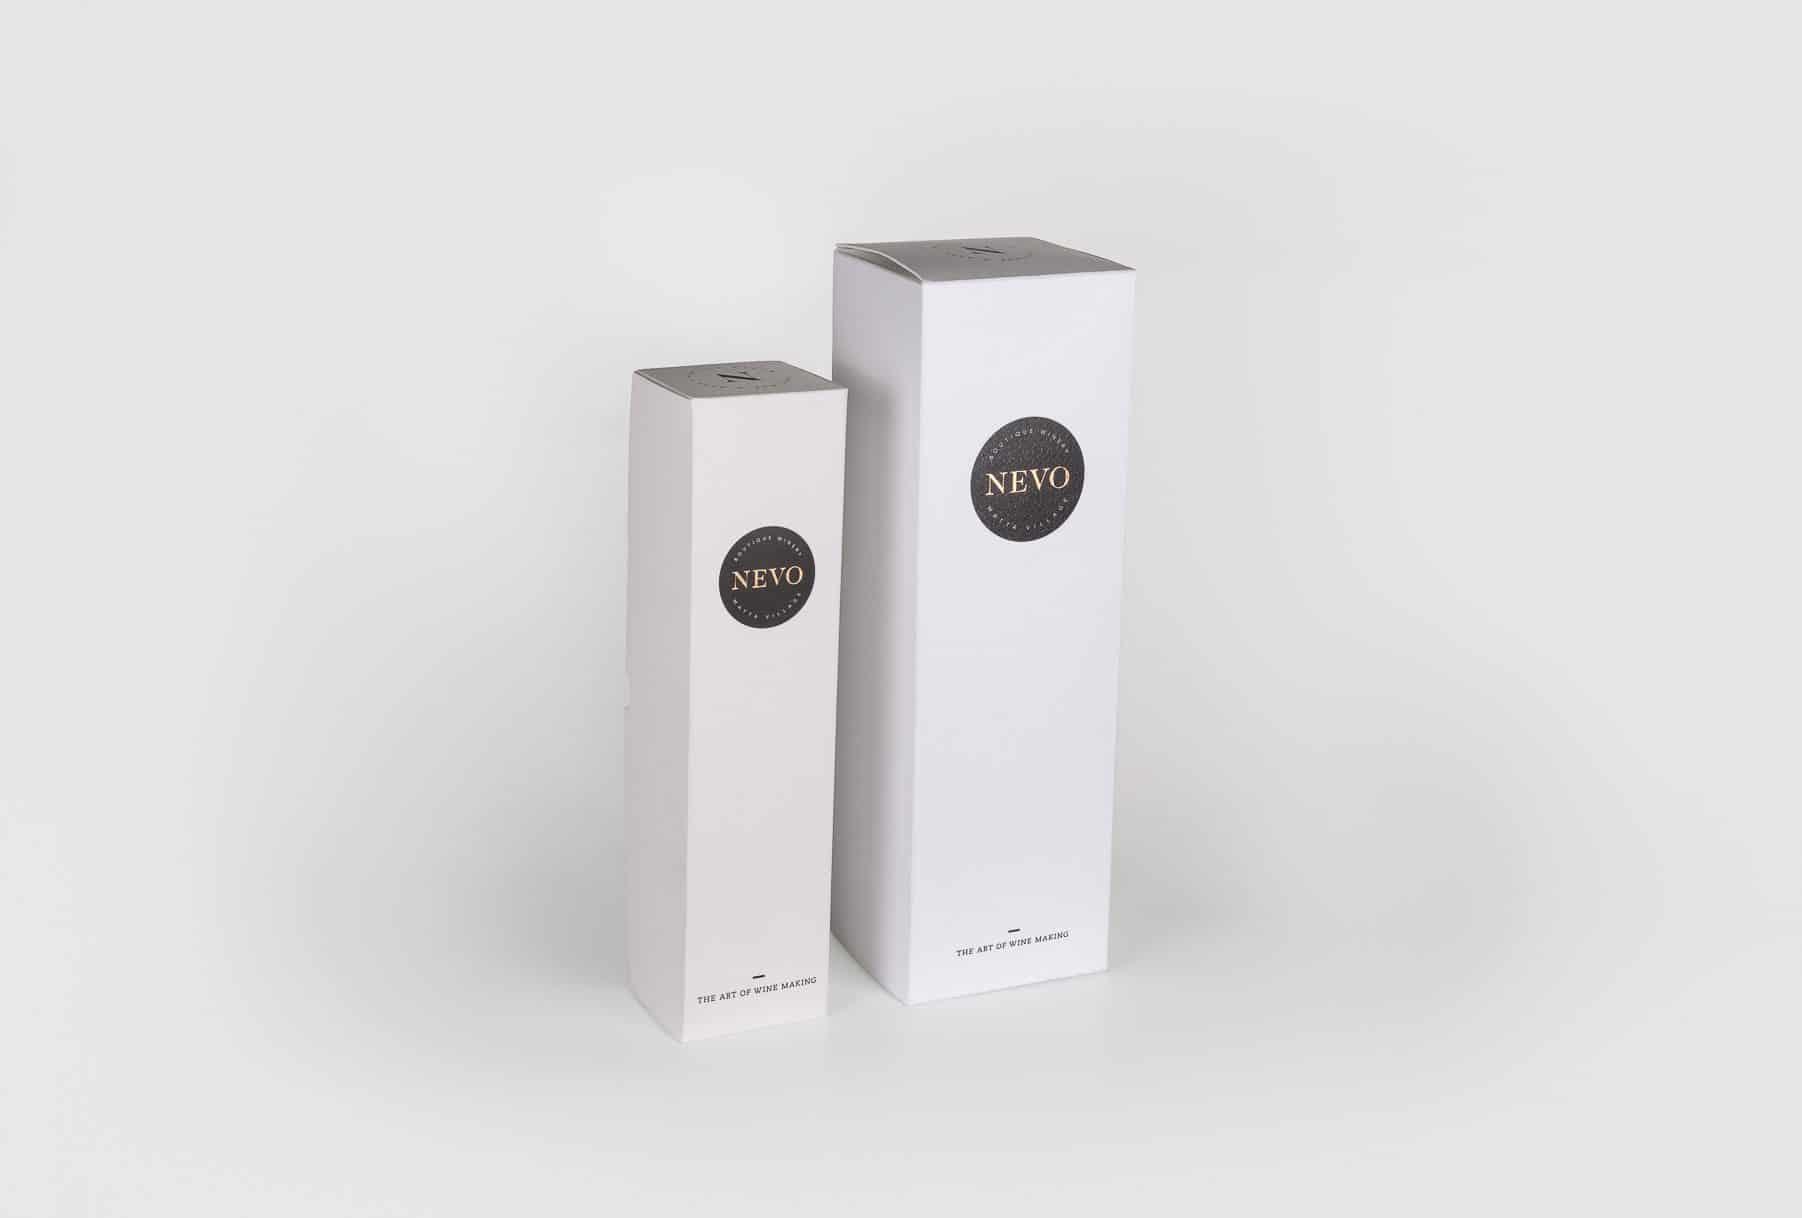 הדפסת אייריס (Color Proof) לאריזות קרטון לבקבוקי יין של יקב נבו. המארז בצבע לבן עם הטבעת פוייל